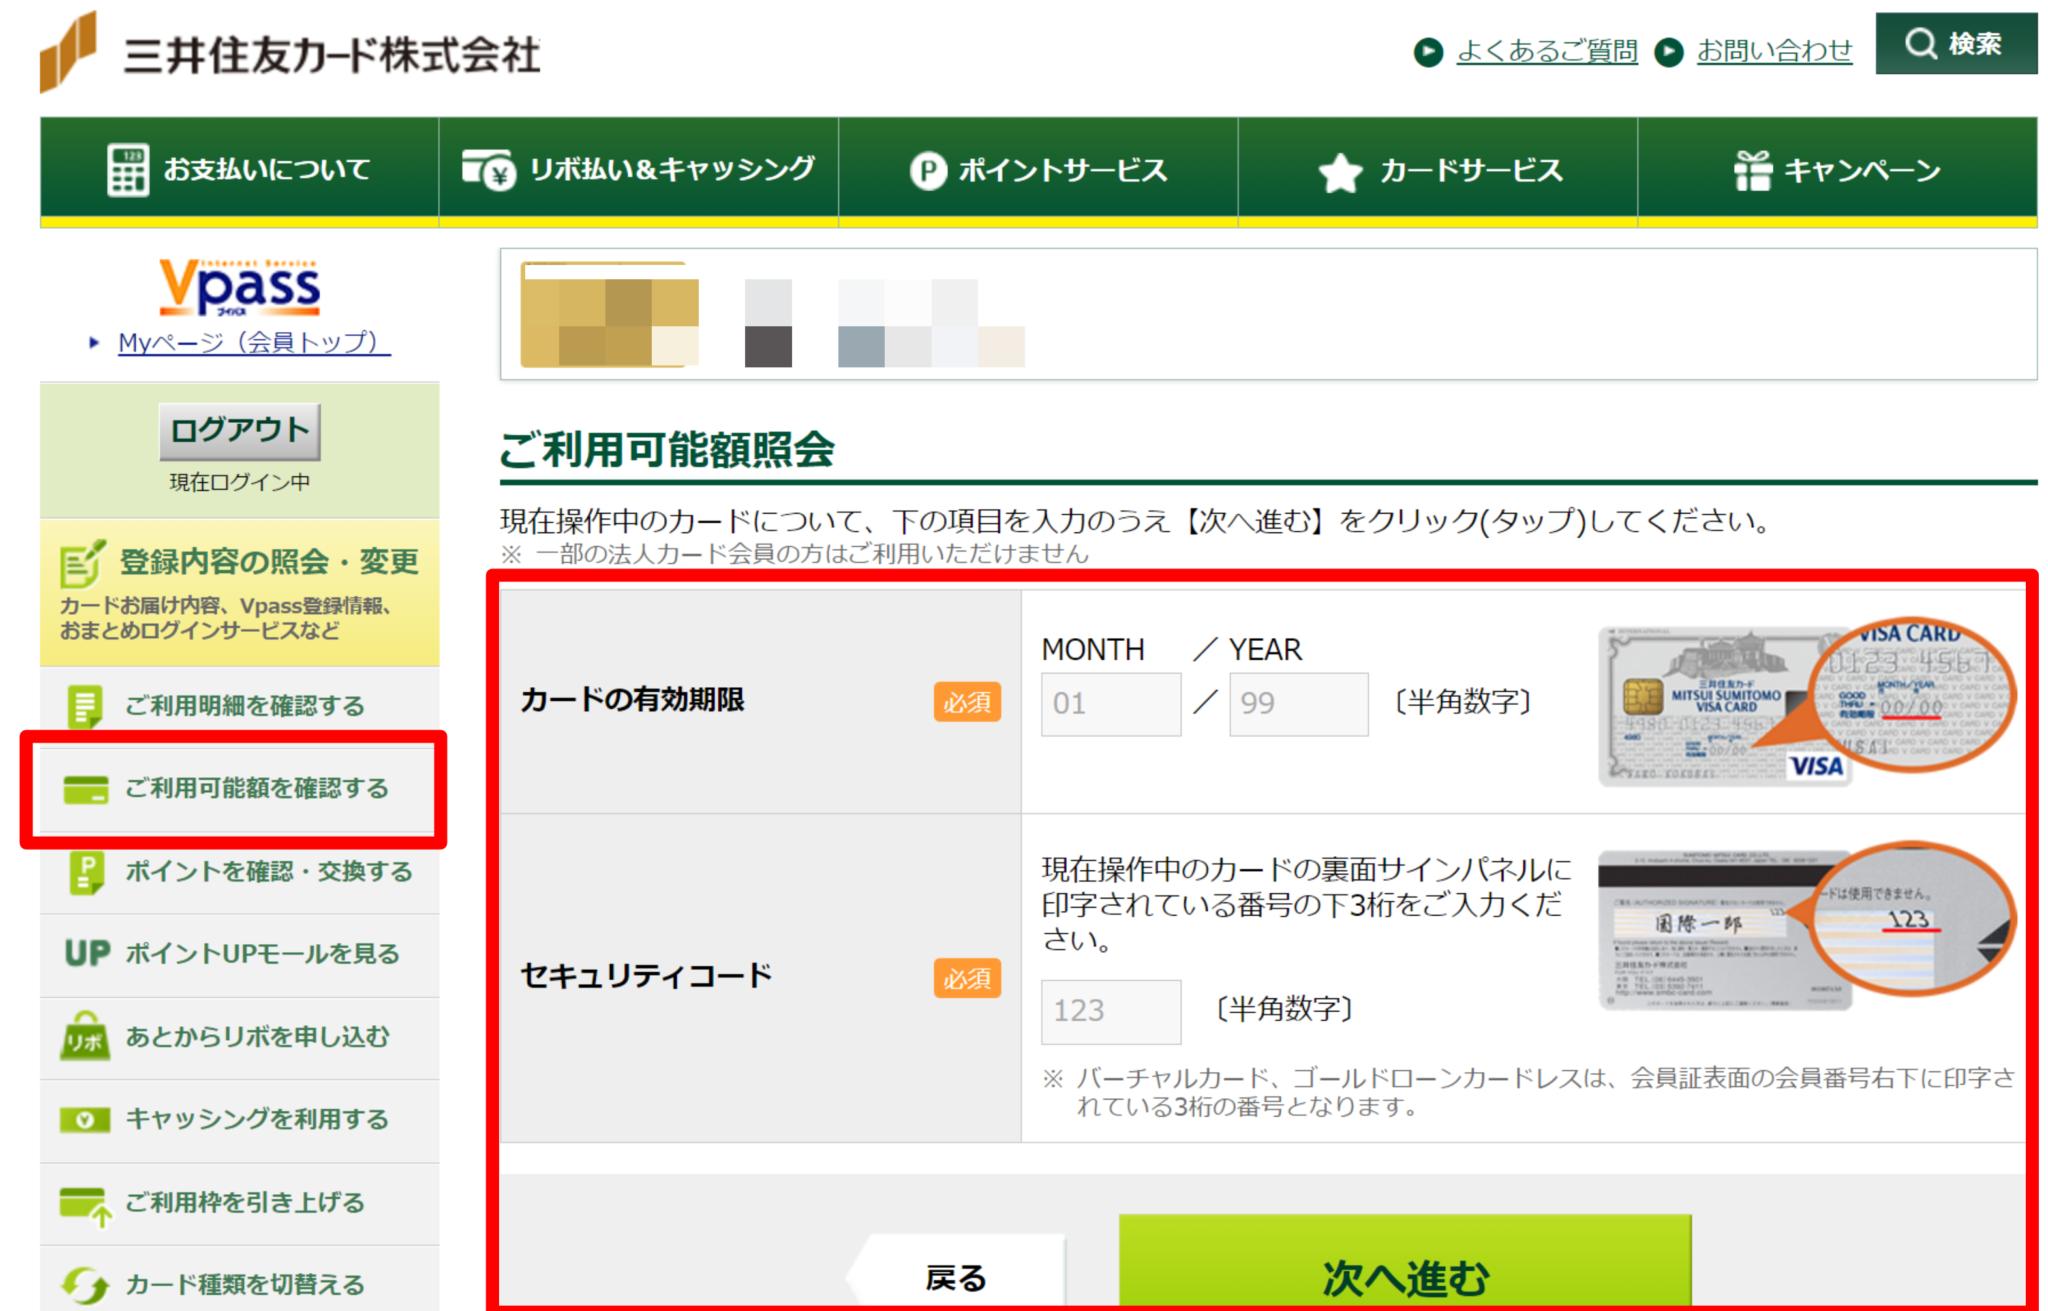 三井住友VISA限度額確認方法1